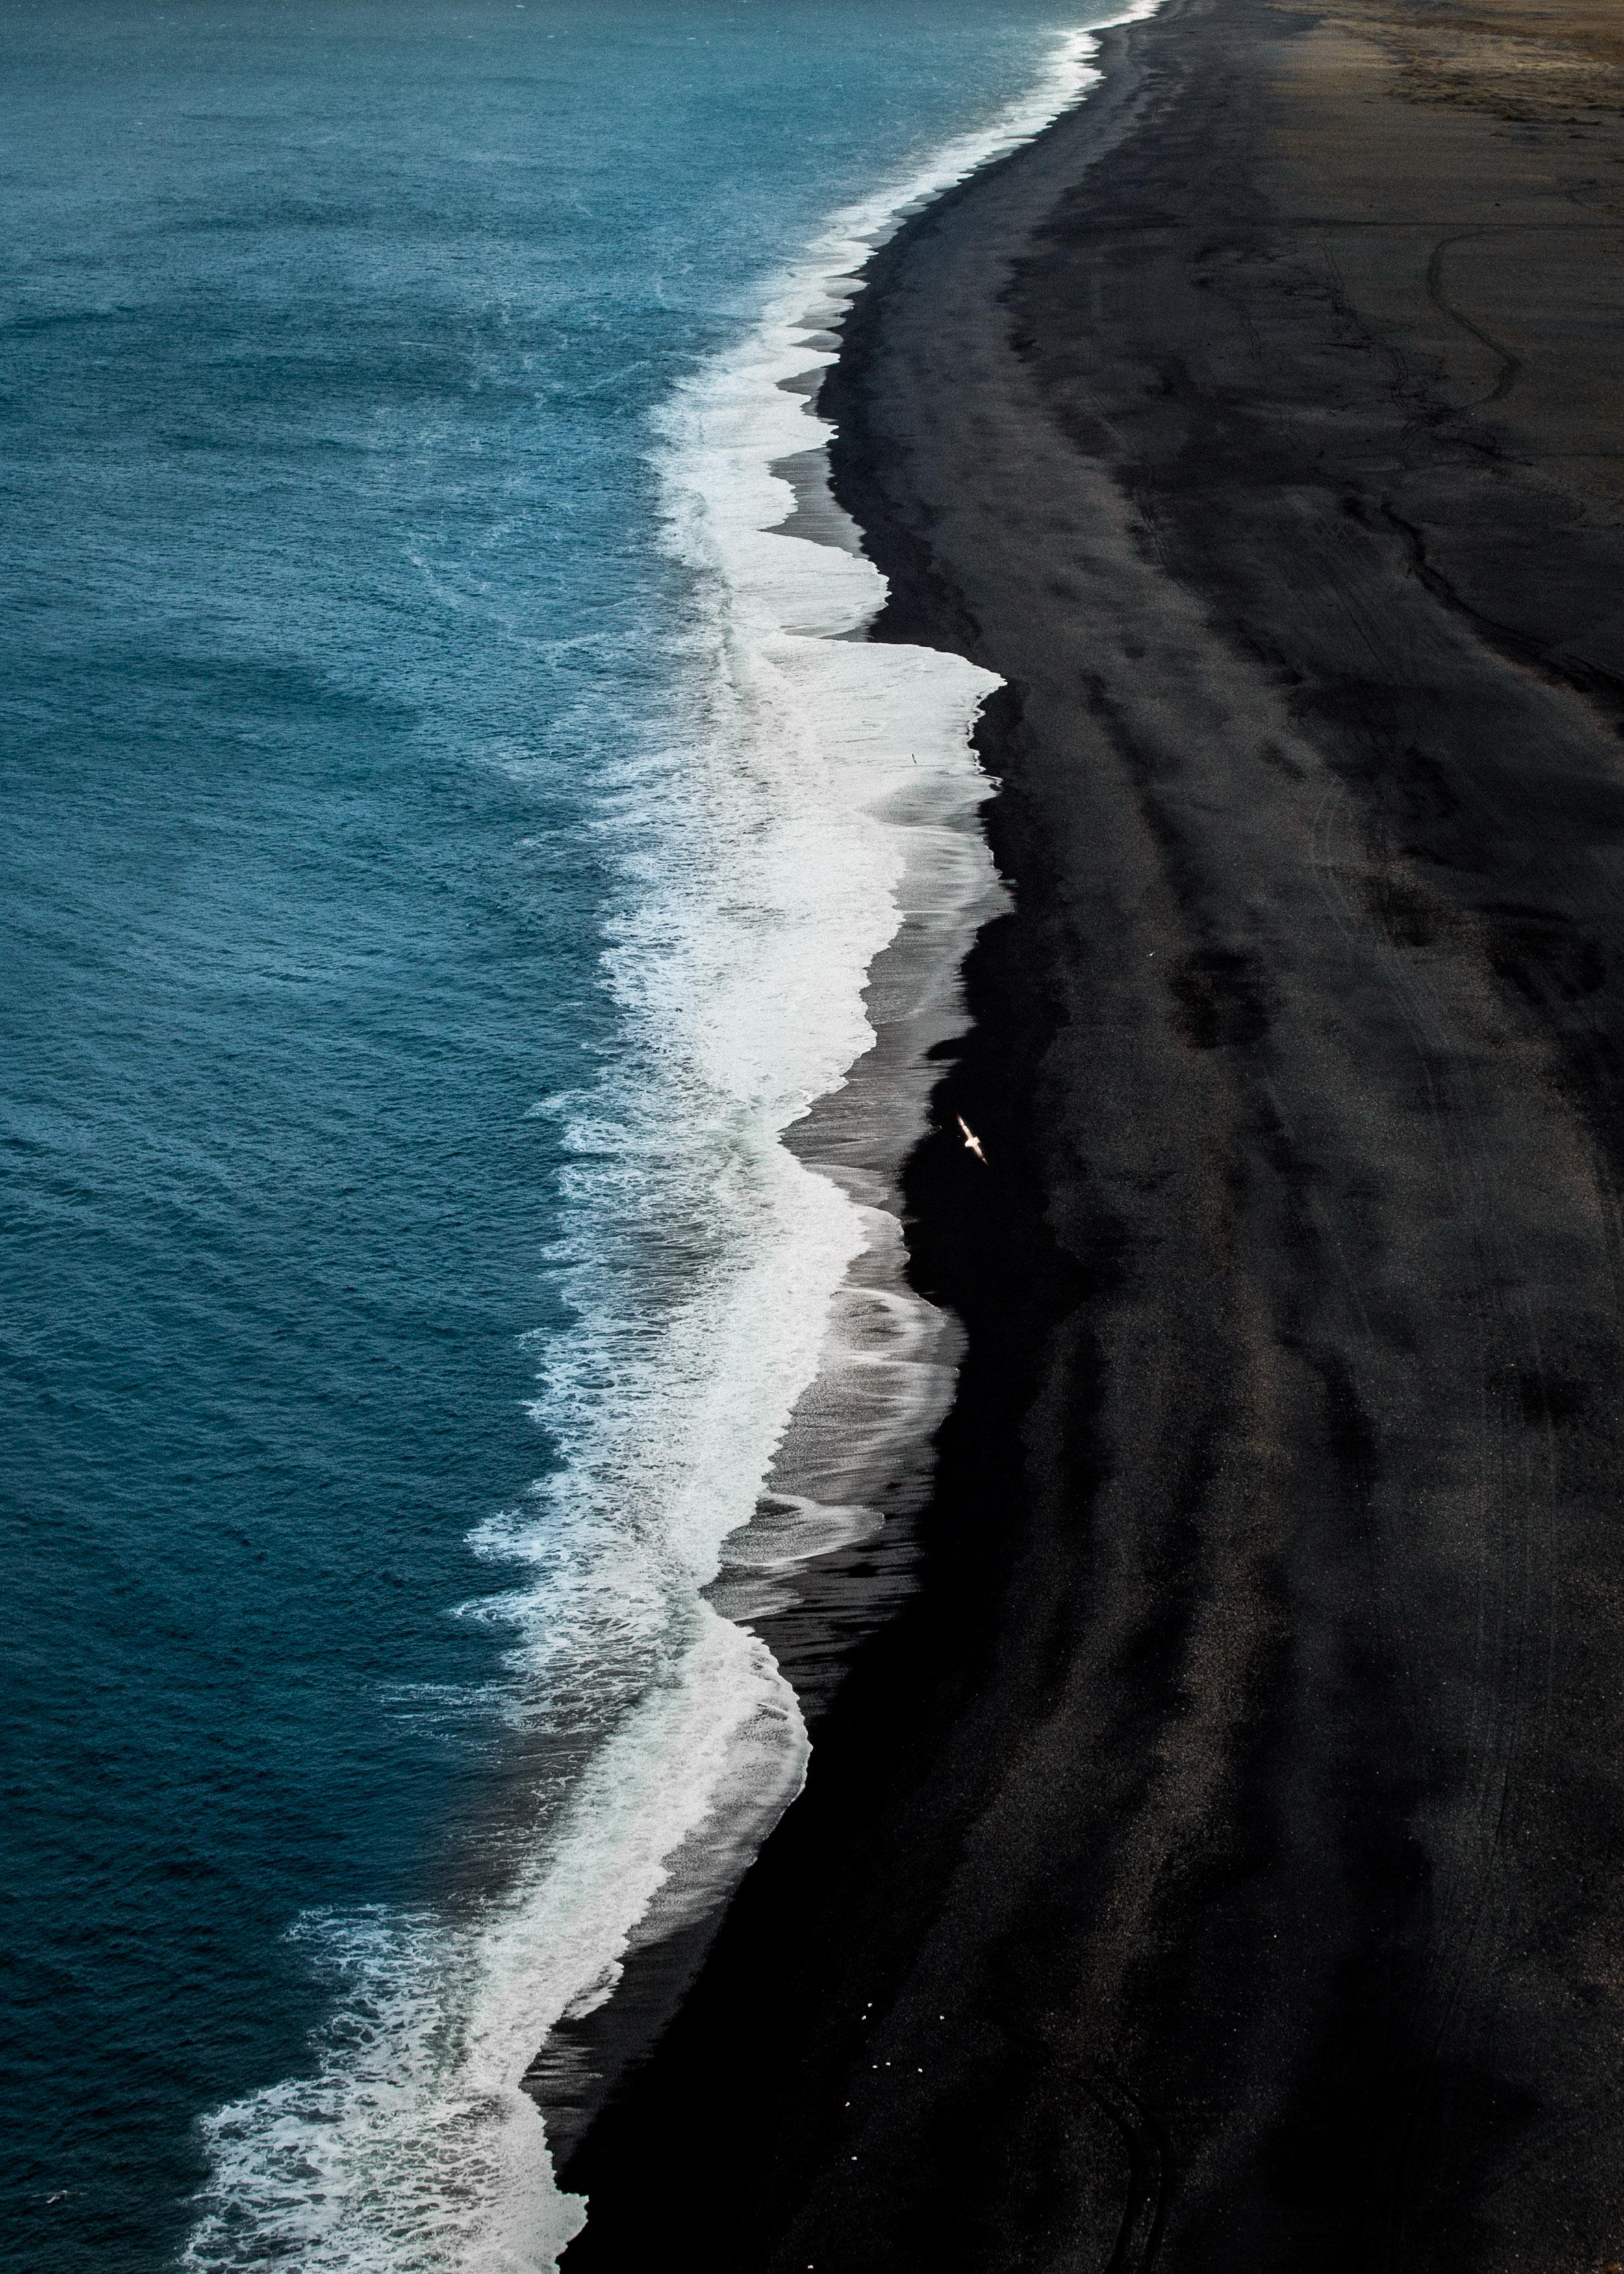 16-iceland-dyrholaey-black-sand-beach-anna-elina-lahti-photographer.jpg